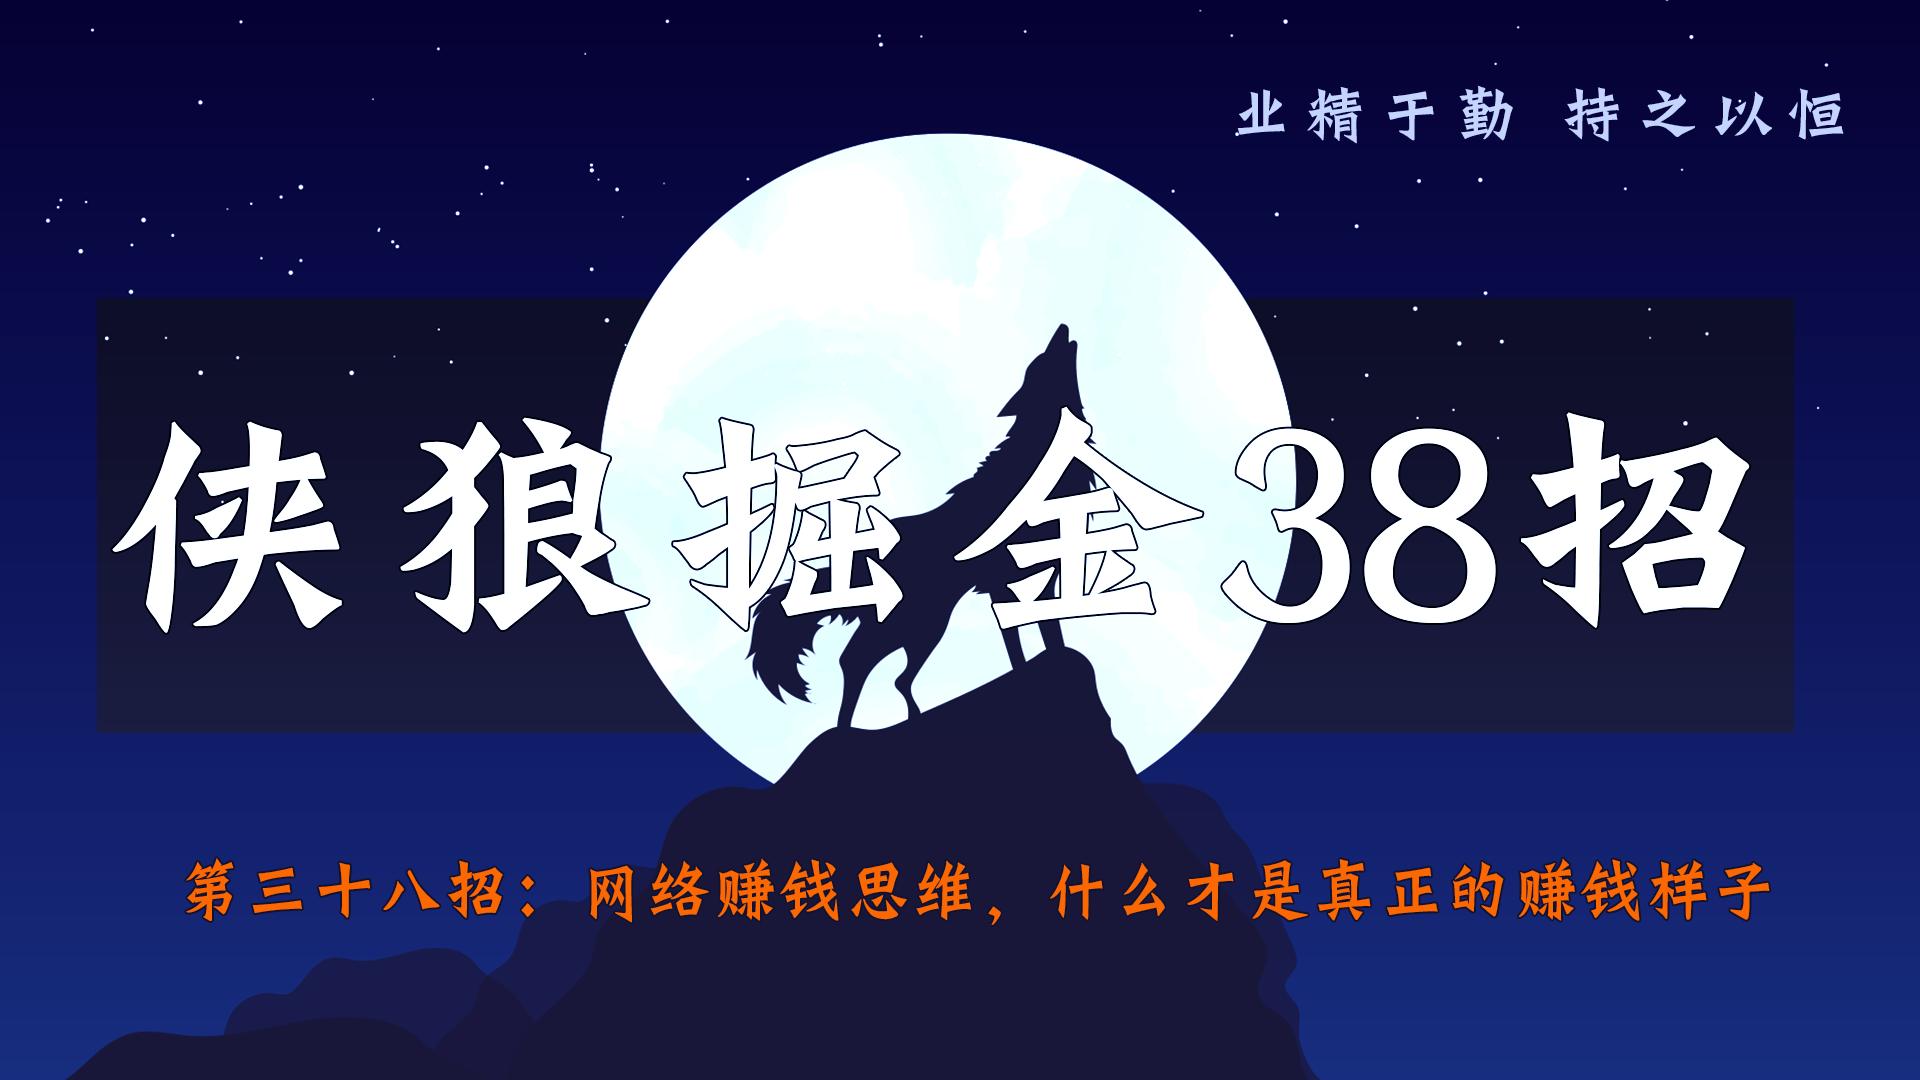 侠狼掘金38招第38招网络赚钱思维,什么才是真正的赚钱样子